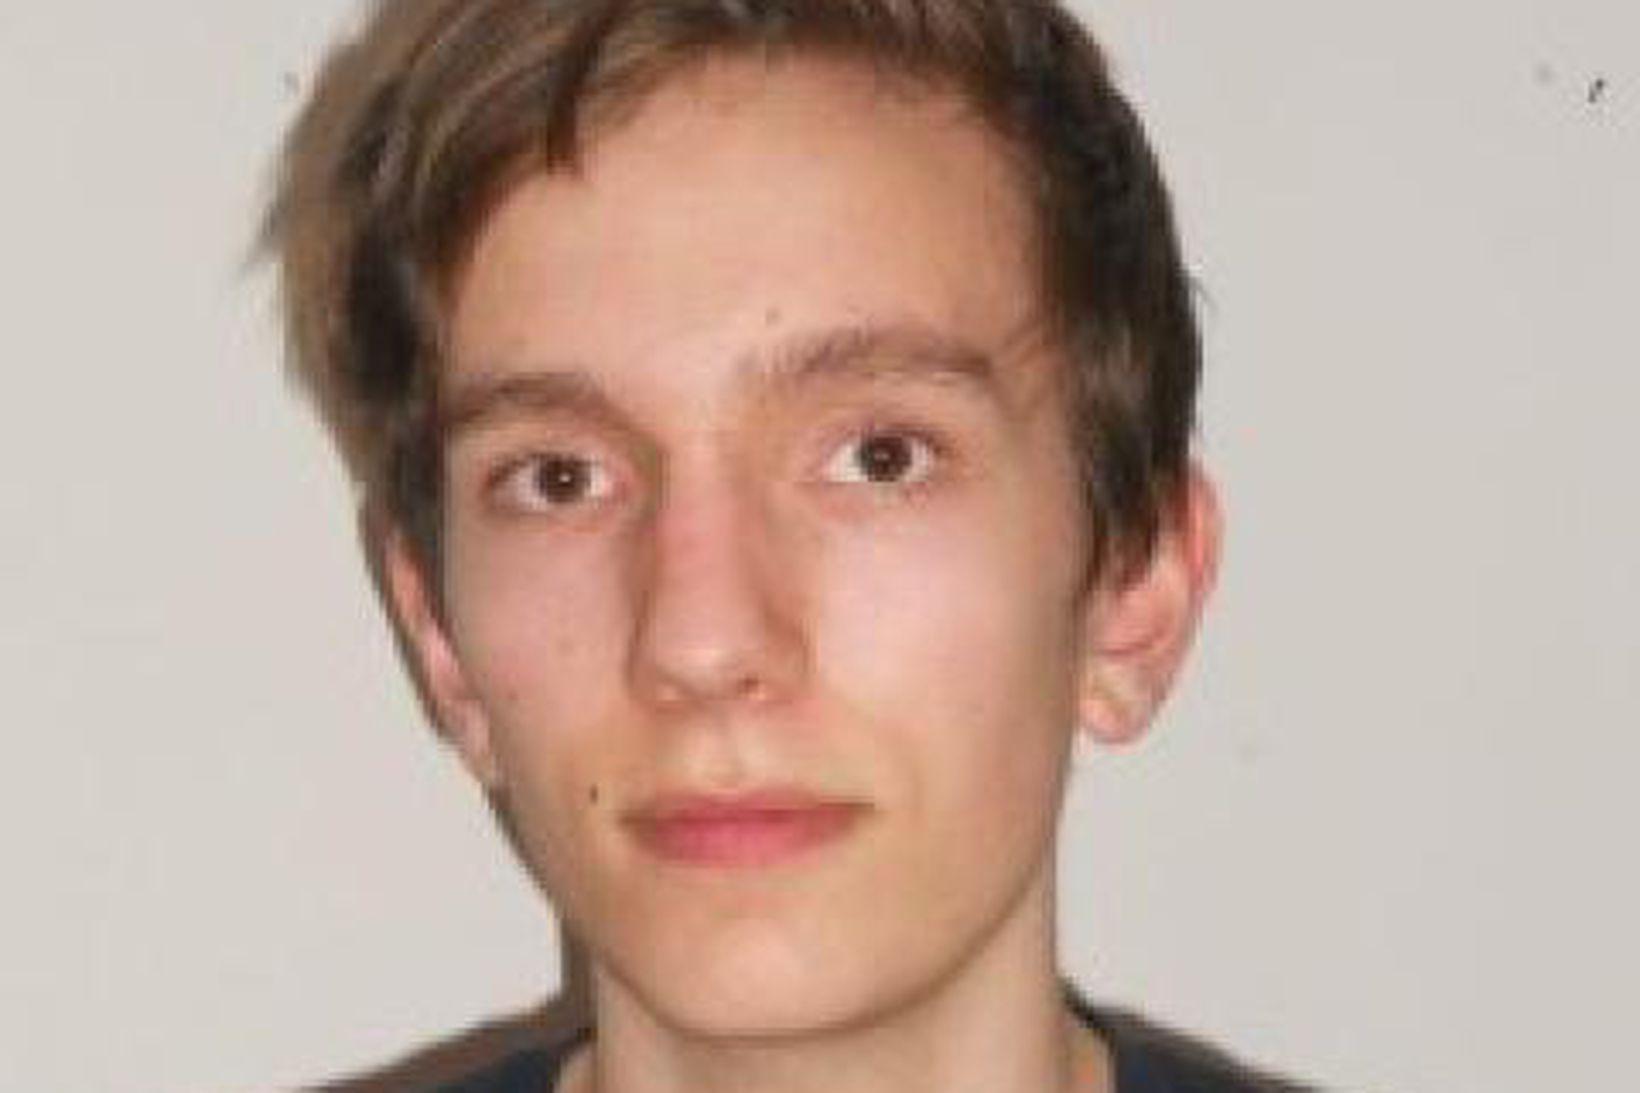 Jökull Jóhannsson, eða Kaldi, er orðinn atvinnumaður í Starcraft 2